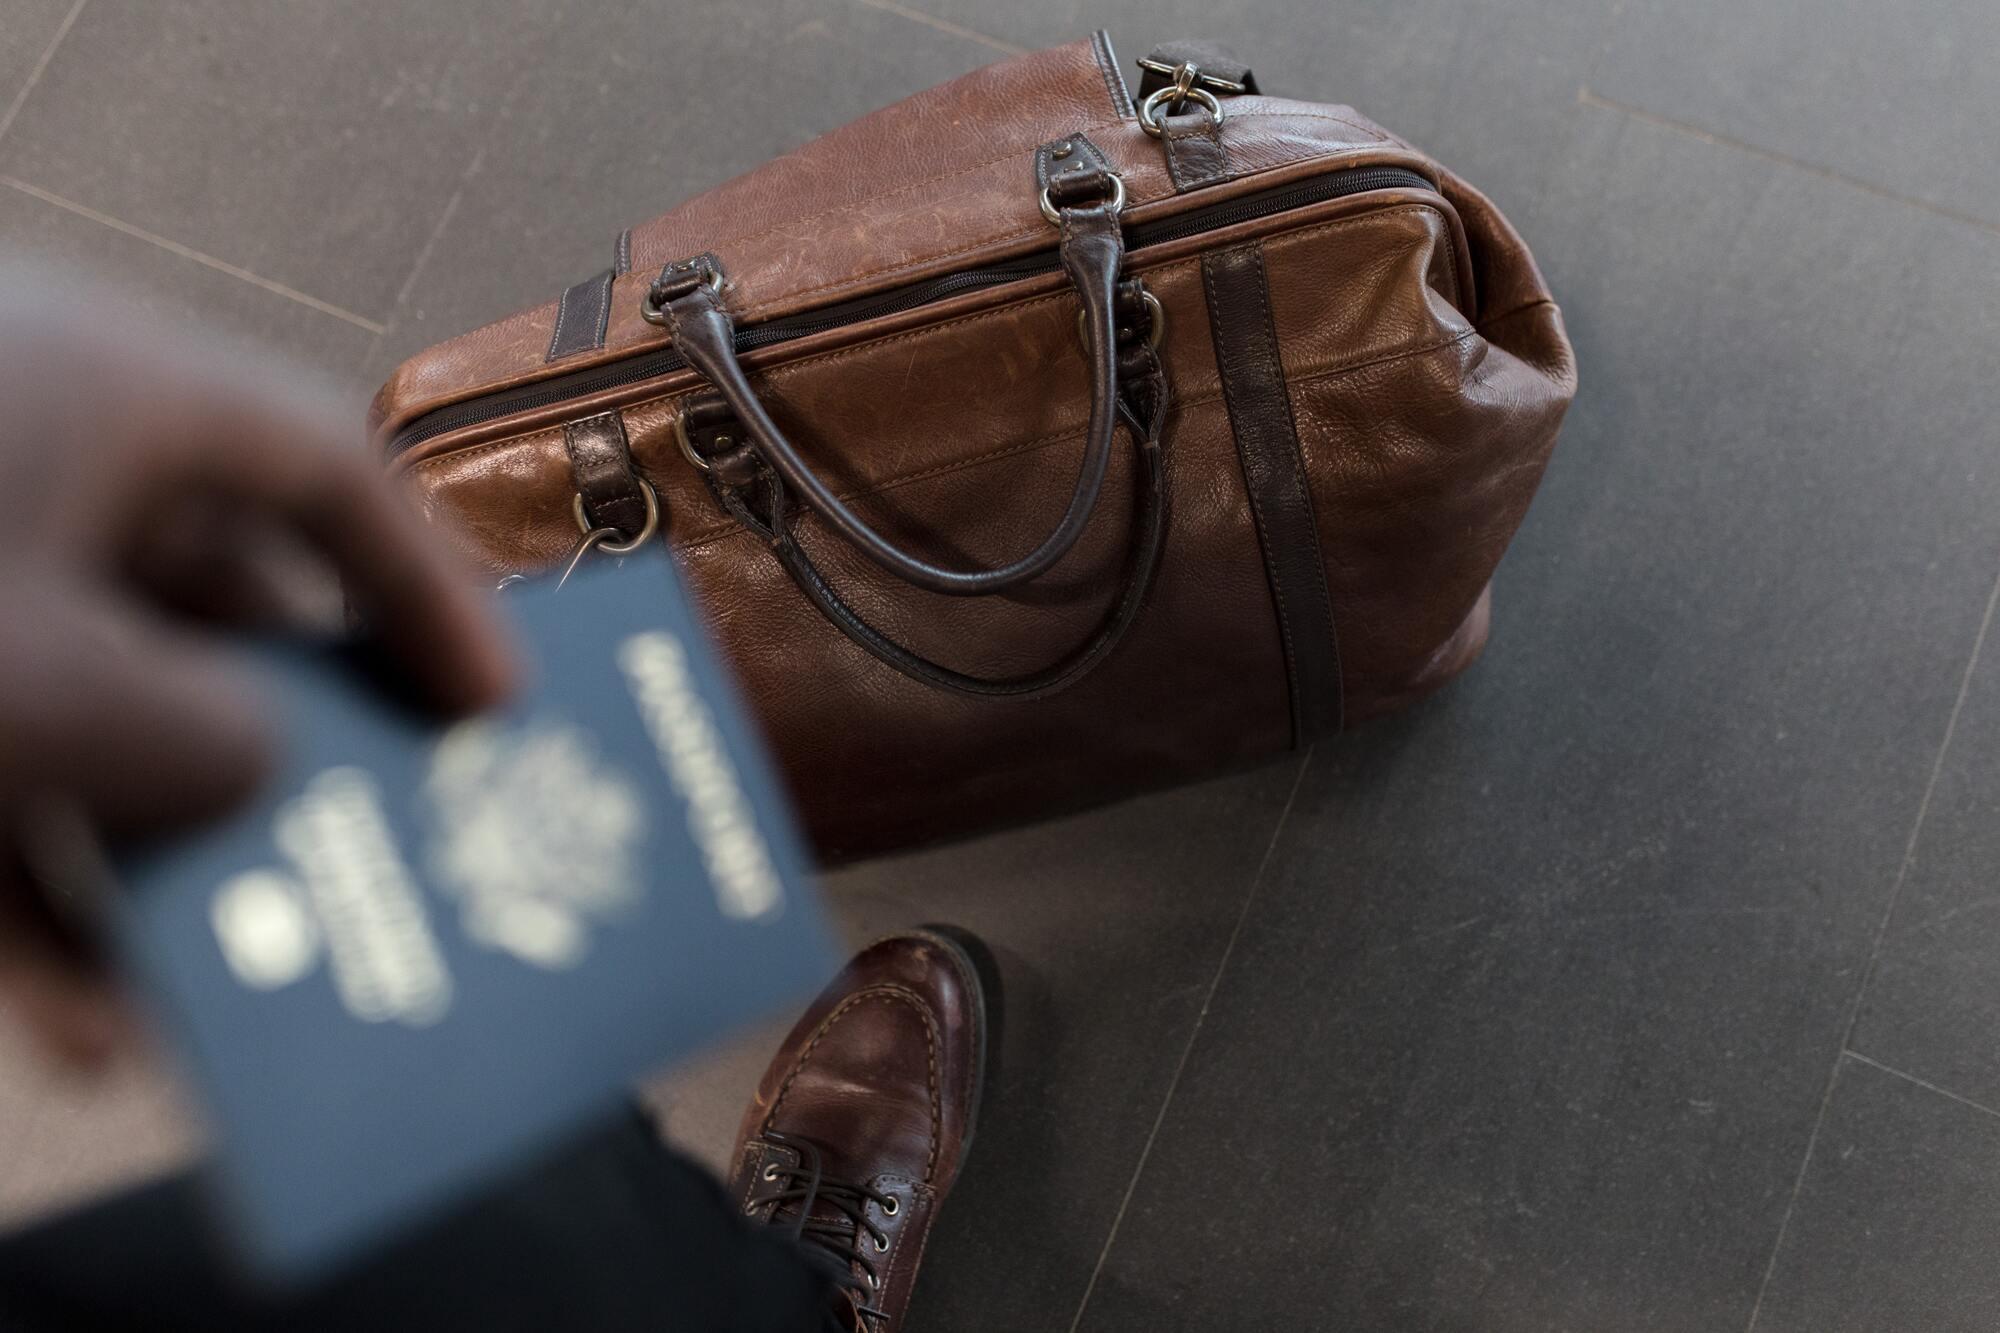 Авіакомпанія AZUR air допускає до безкоштовного перевезення милиці, палиці, ходунки, букет квітів і верхній одяг, а також все необхідне для малюка